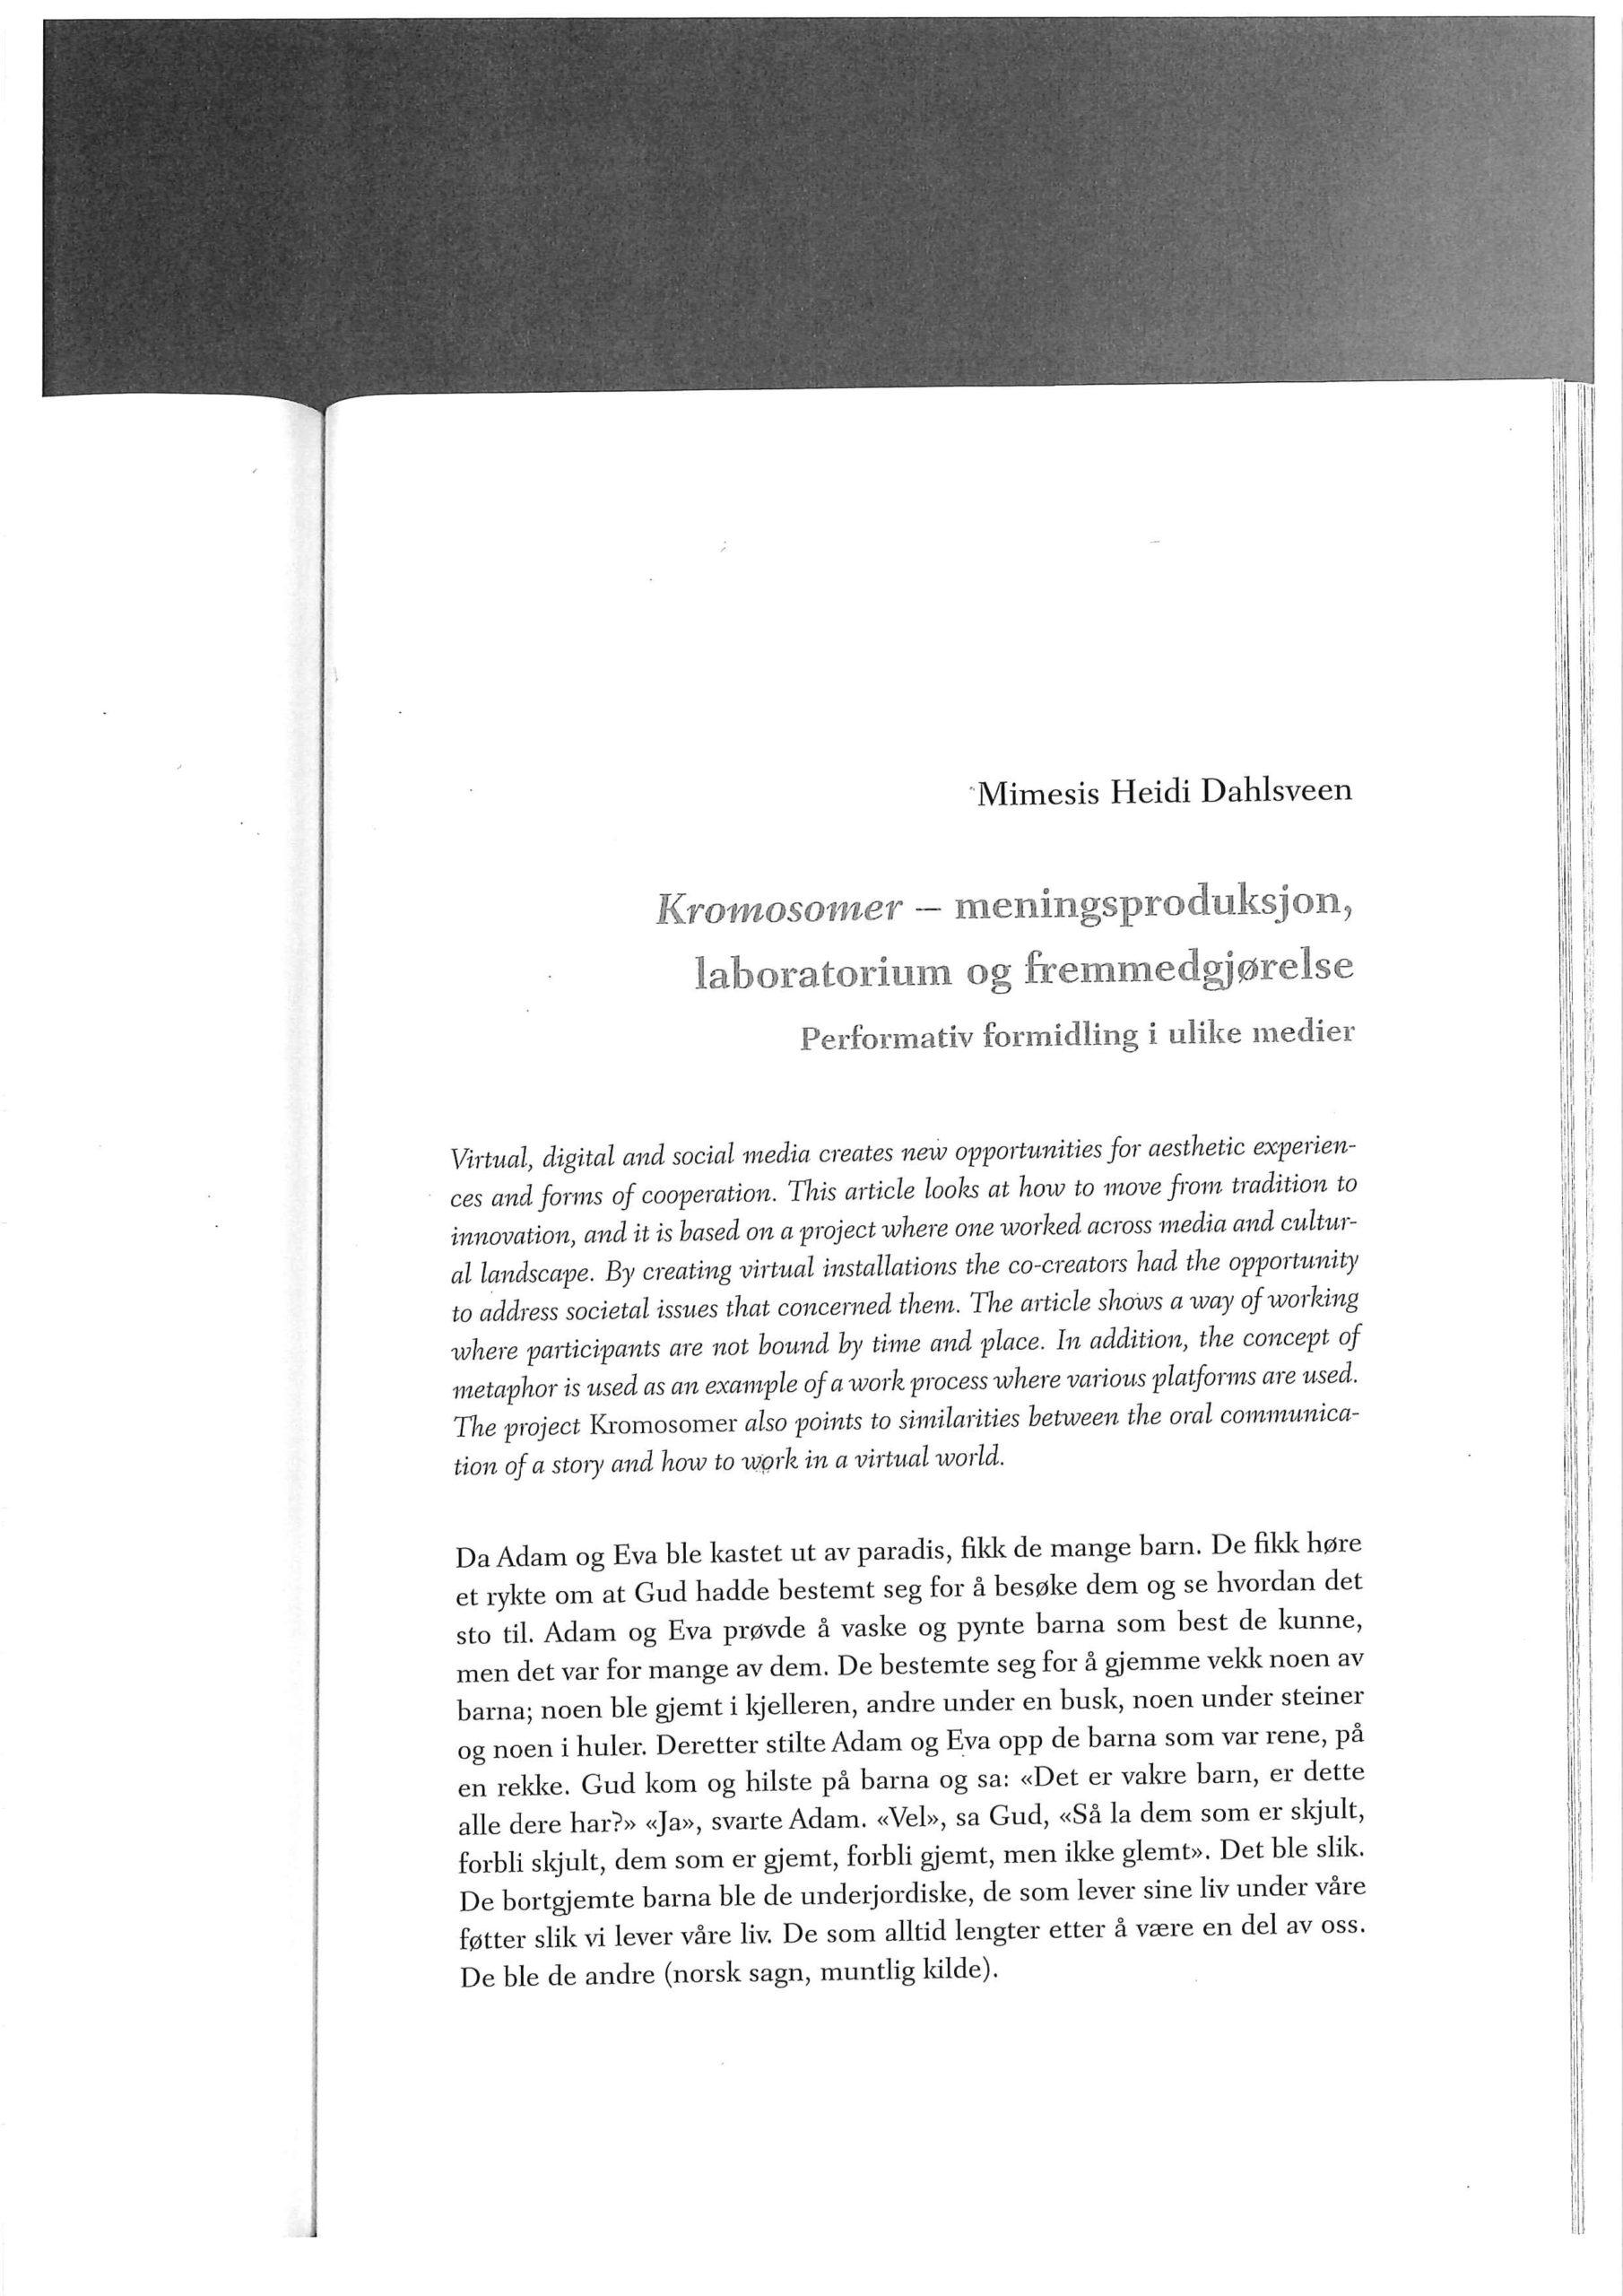 Kromosomer – meningsproduksjon – 2013